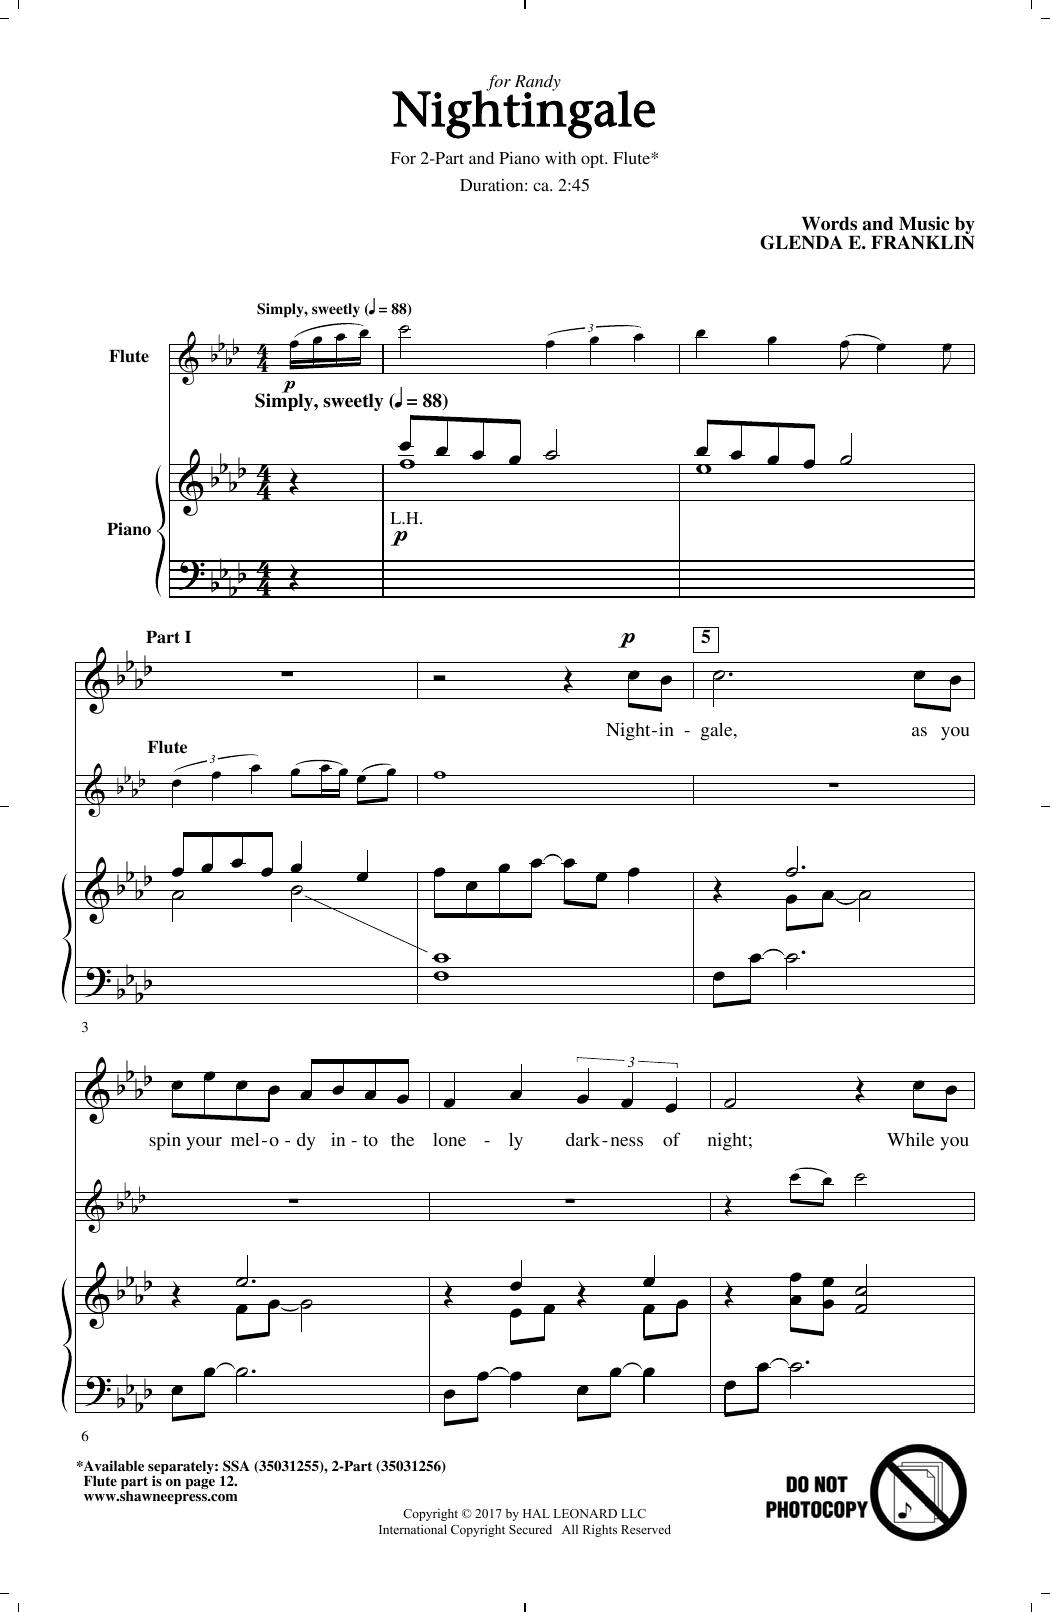 Nightingale Sheet Music